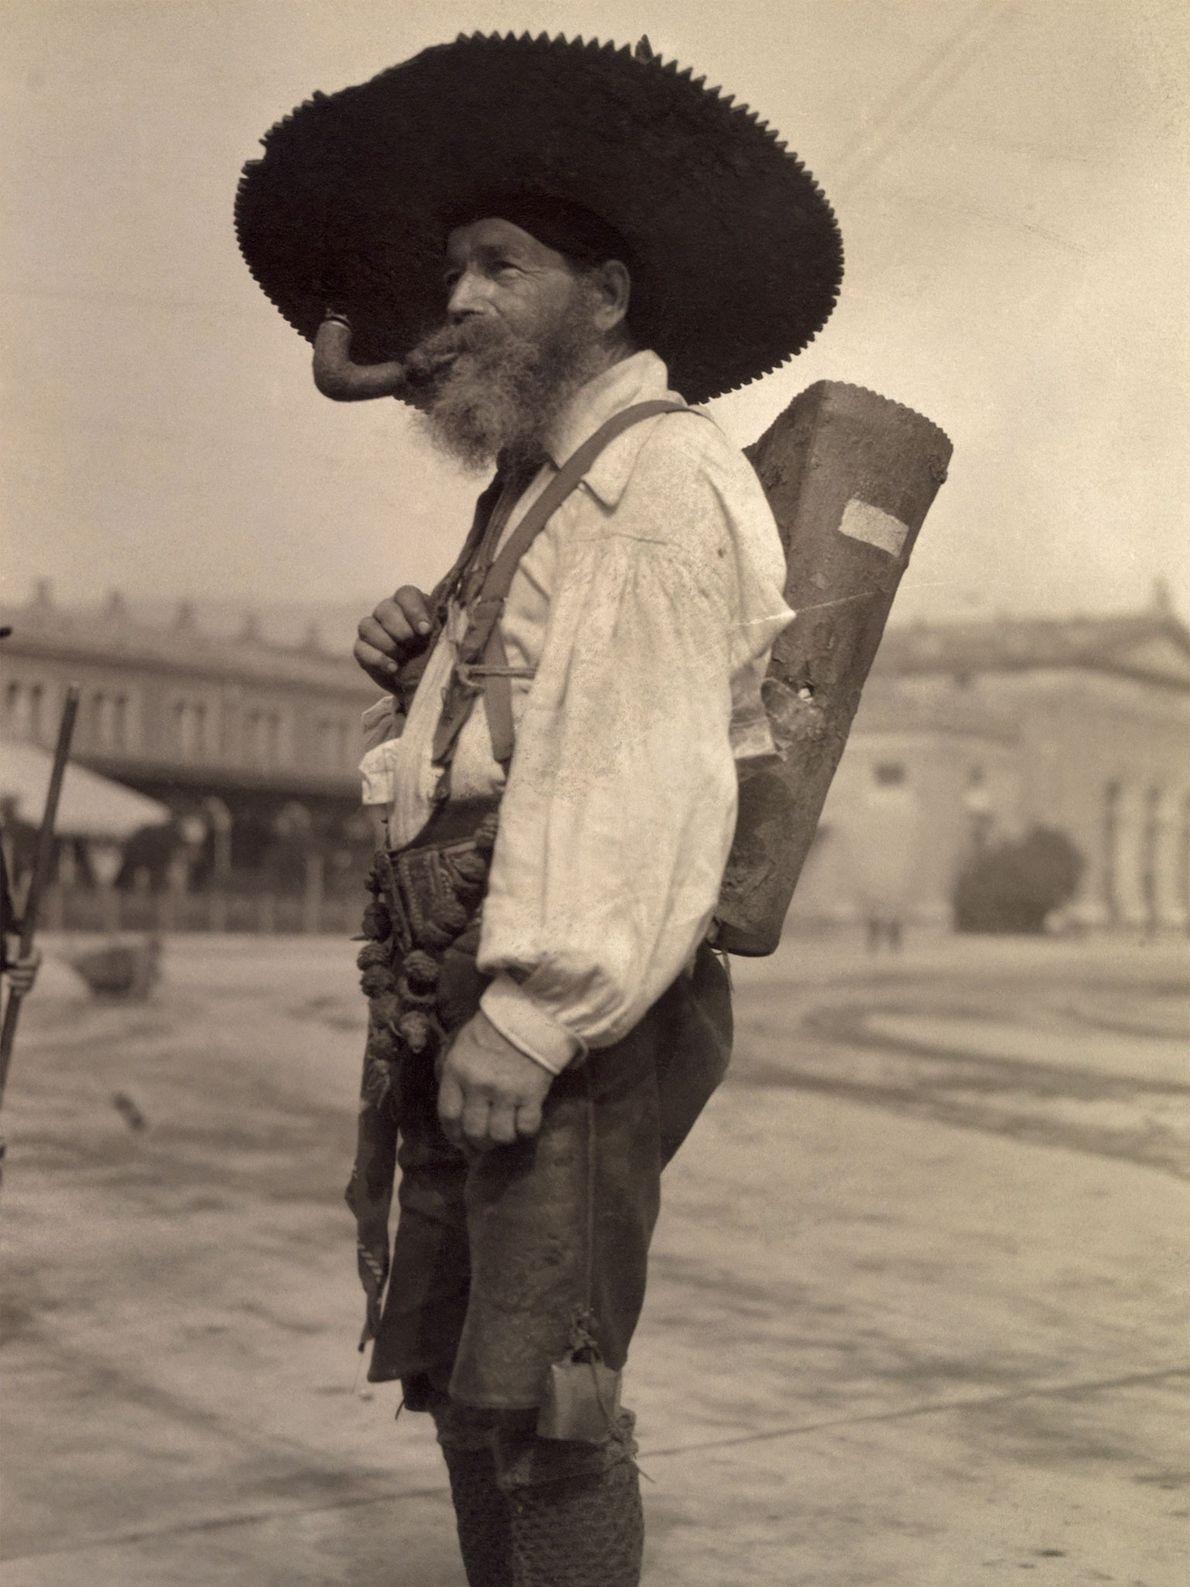 Ein Pfeife rauchender Österreicher trägt traditionelle Lederhosen und einen großen Hut.